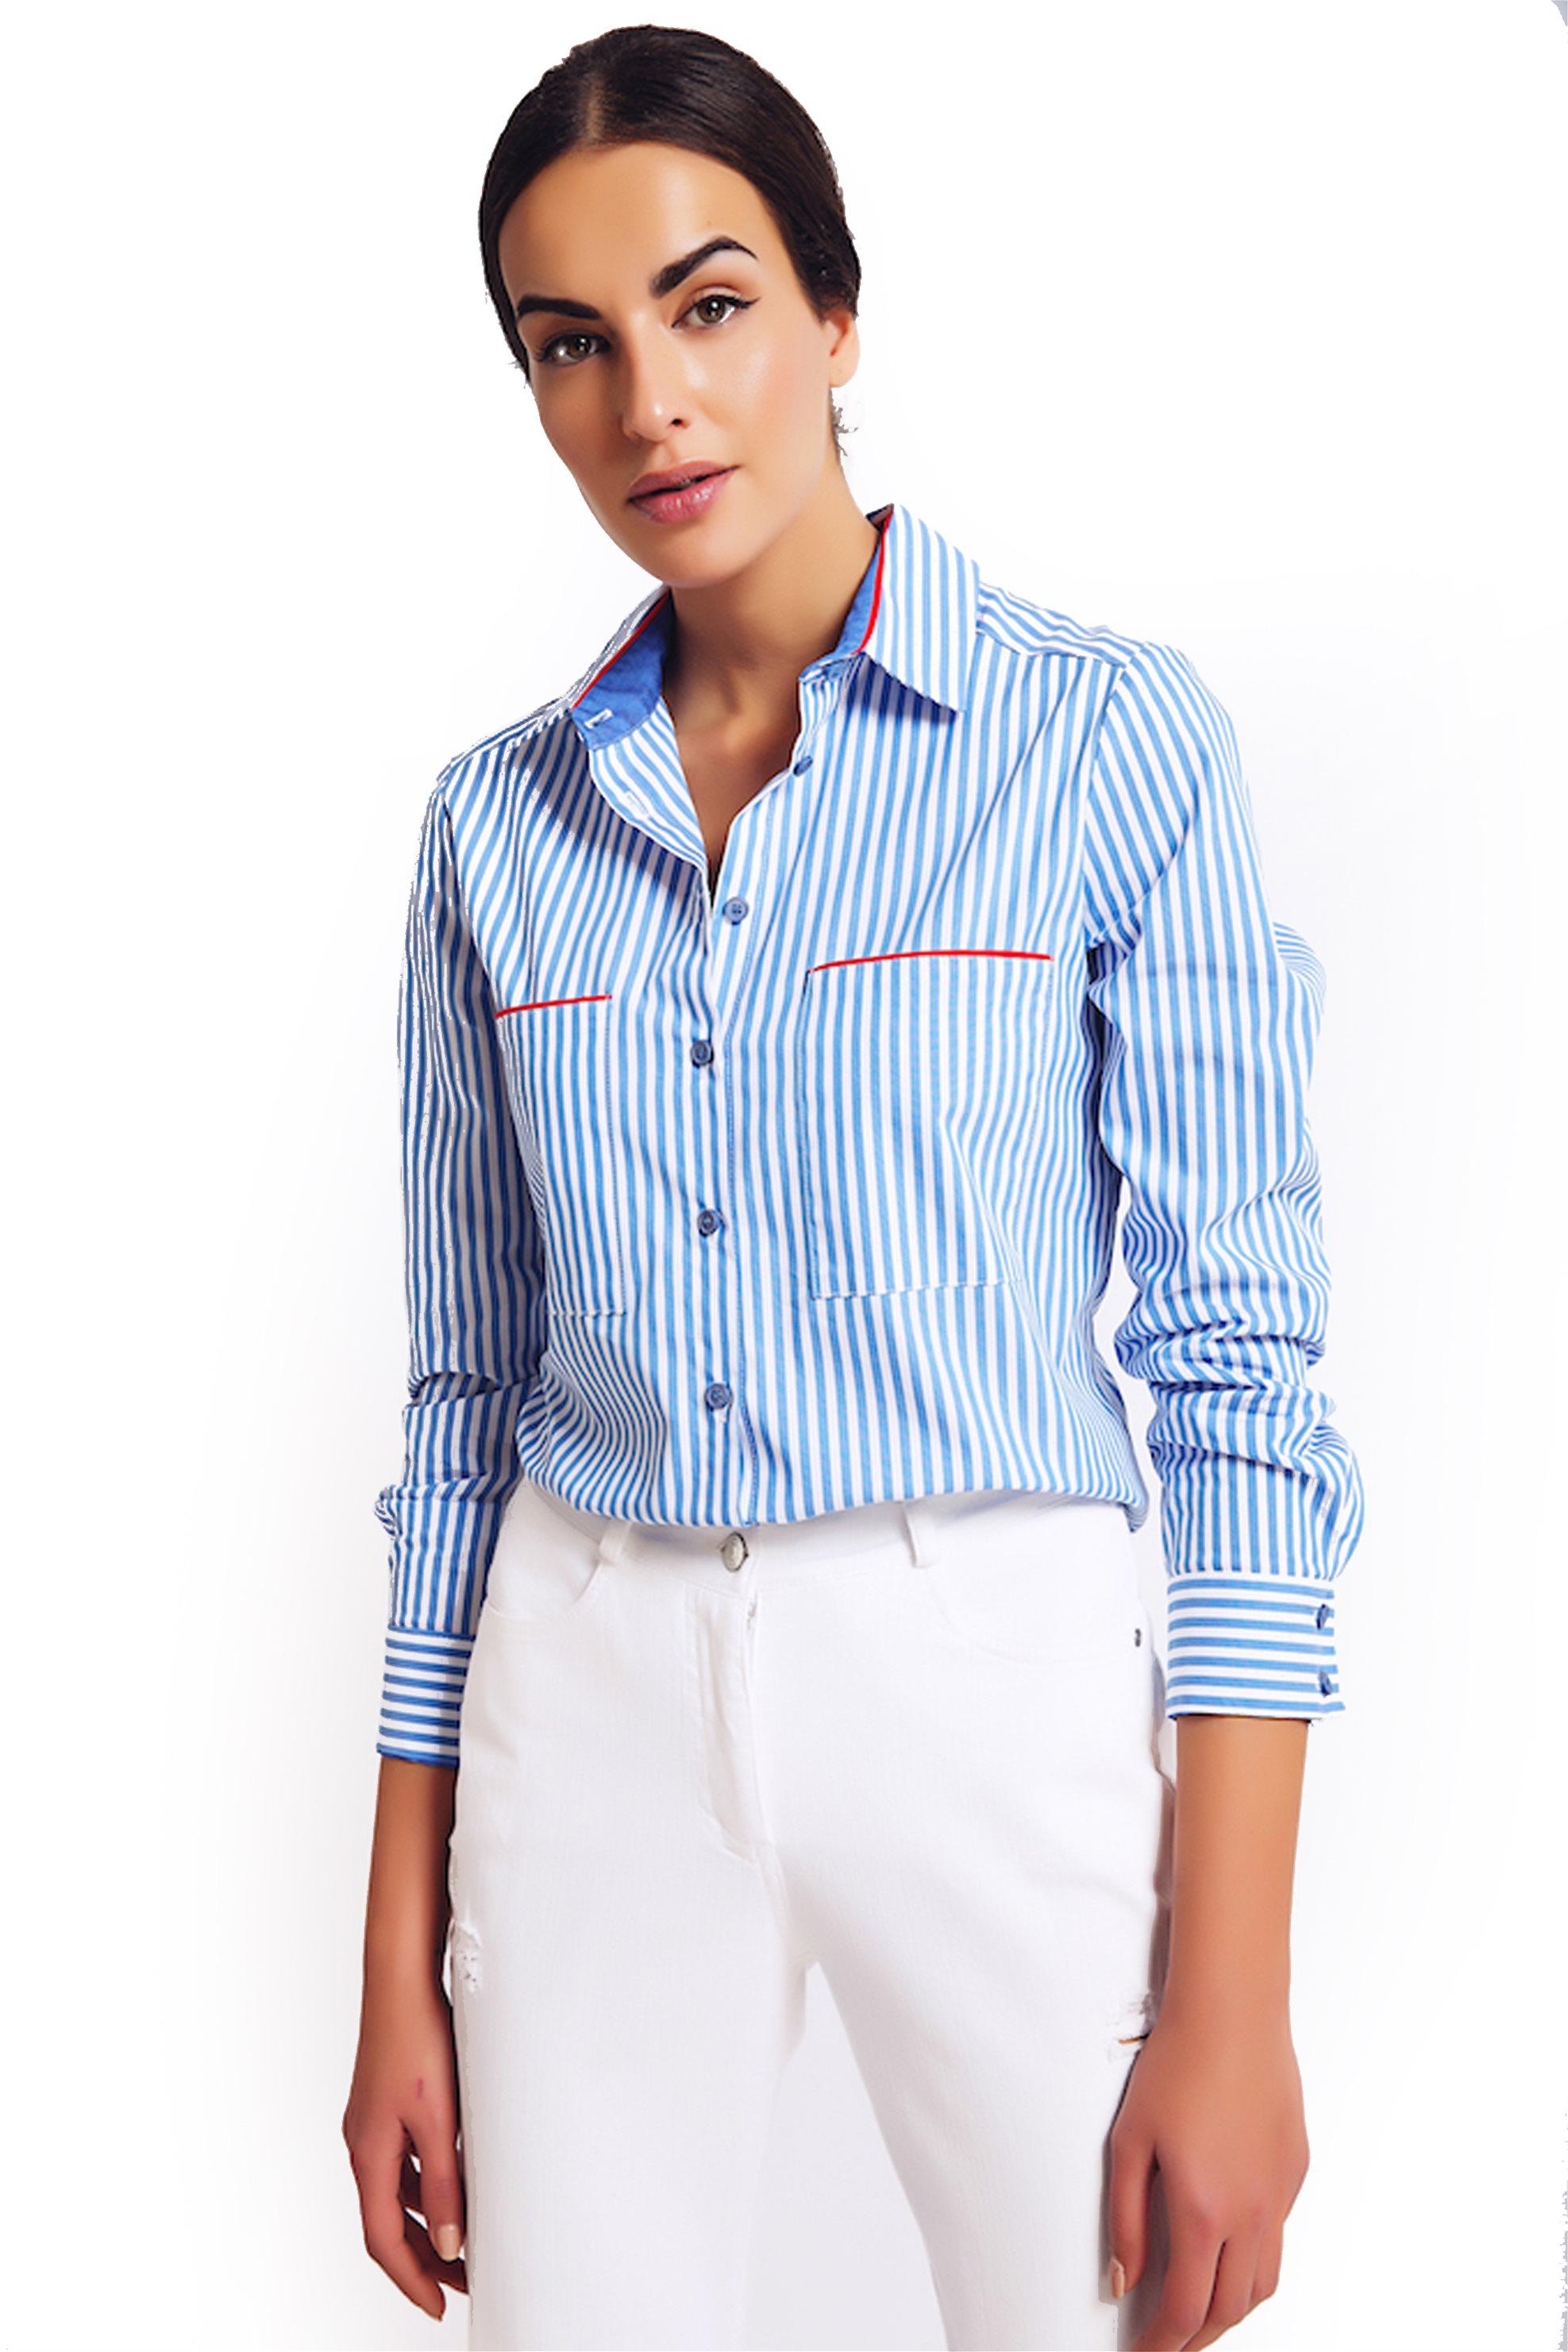 Γυναικεία   Ρούχα   Πουκάμισα   Denim πουκάμισο με βαμβάκι και ... 216f573bfc8